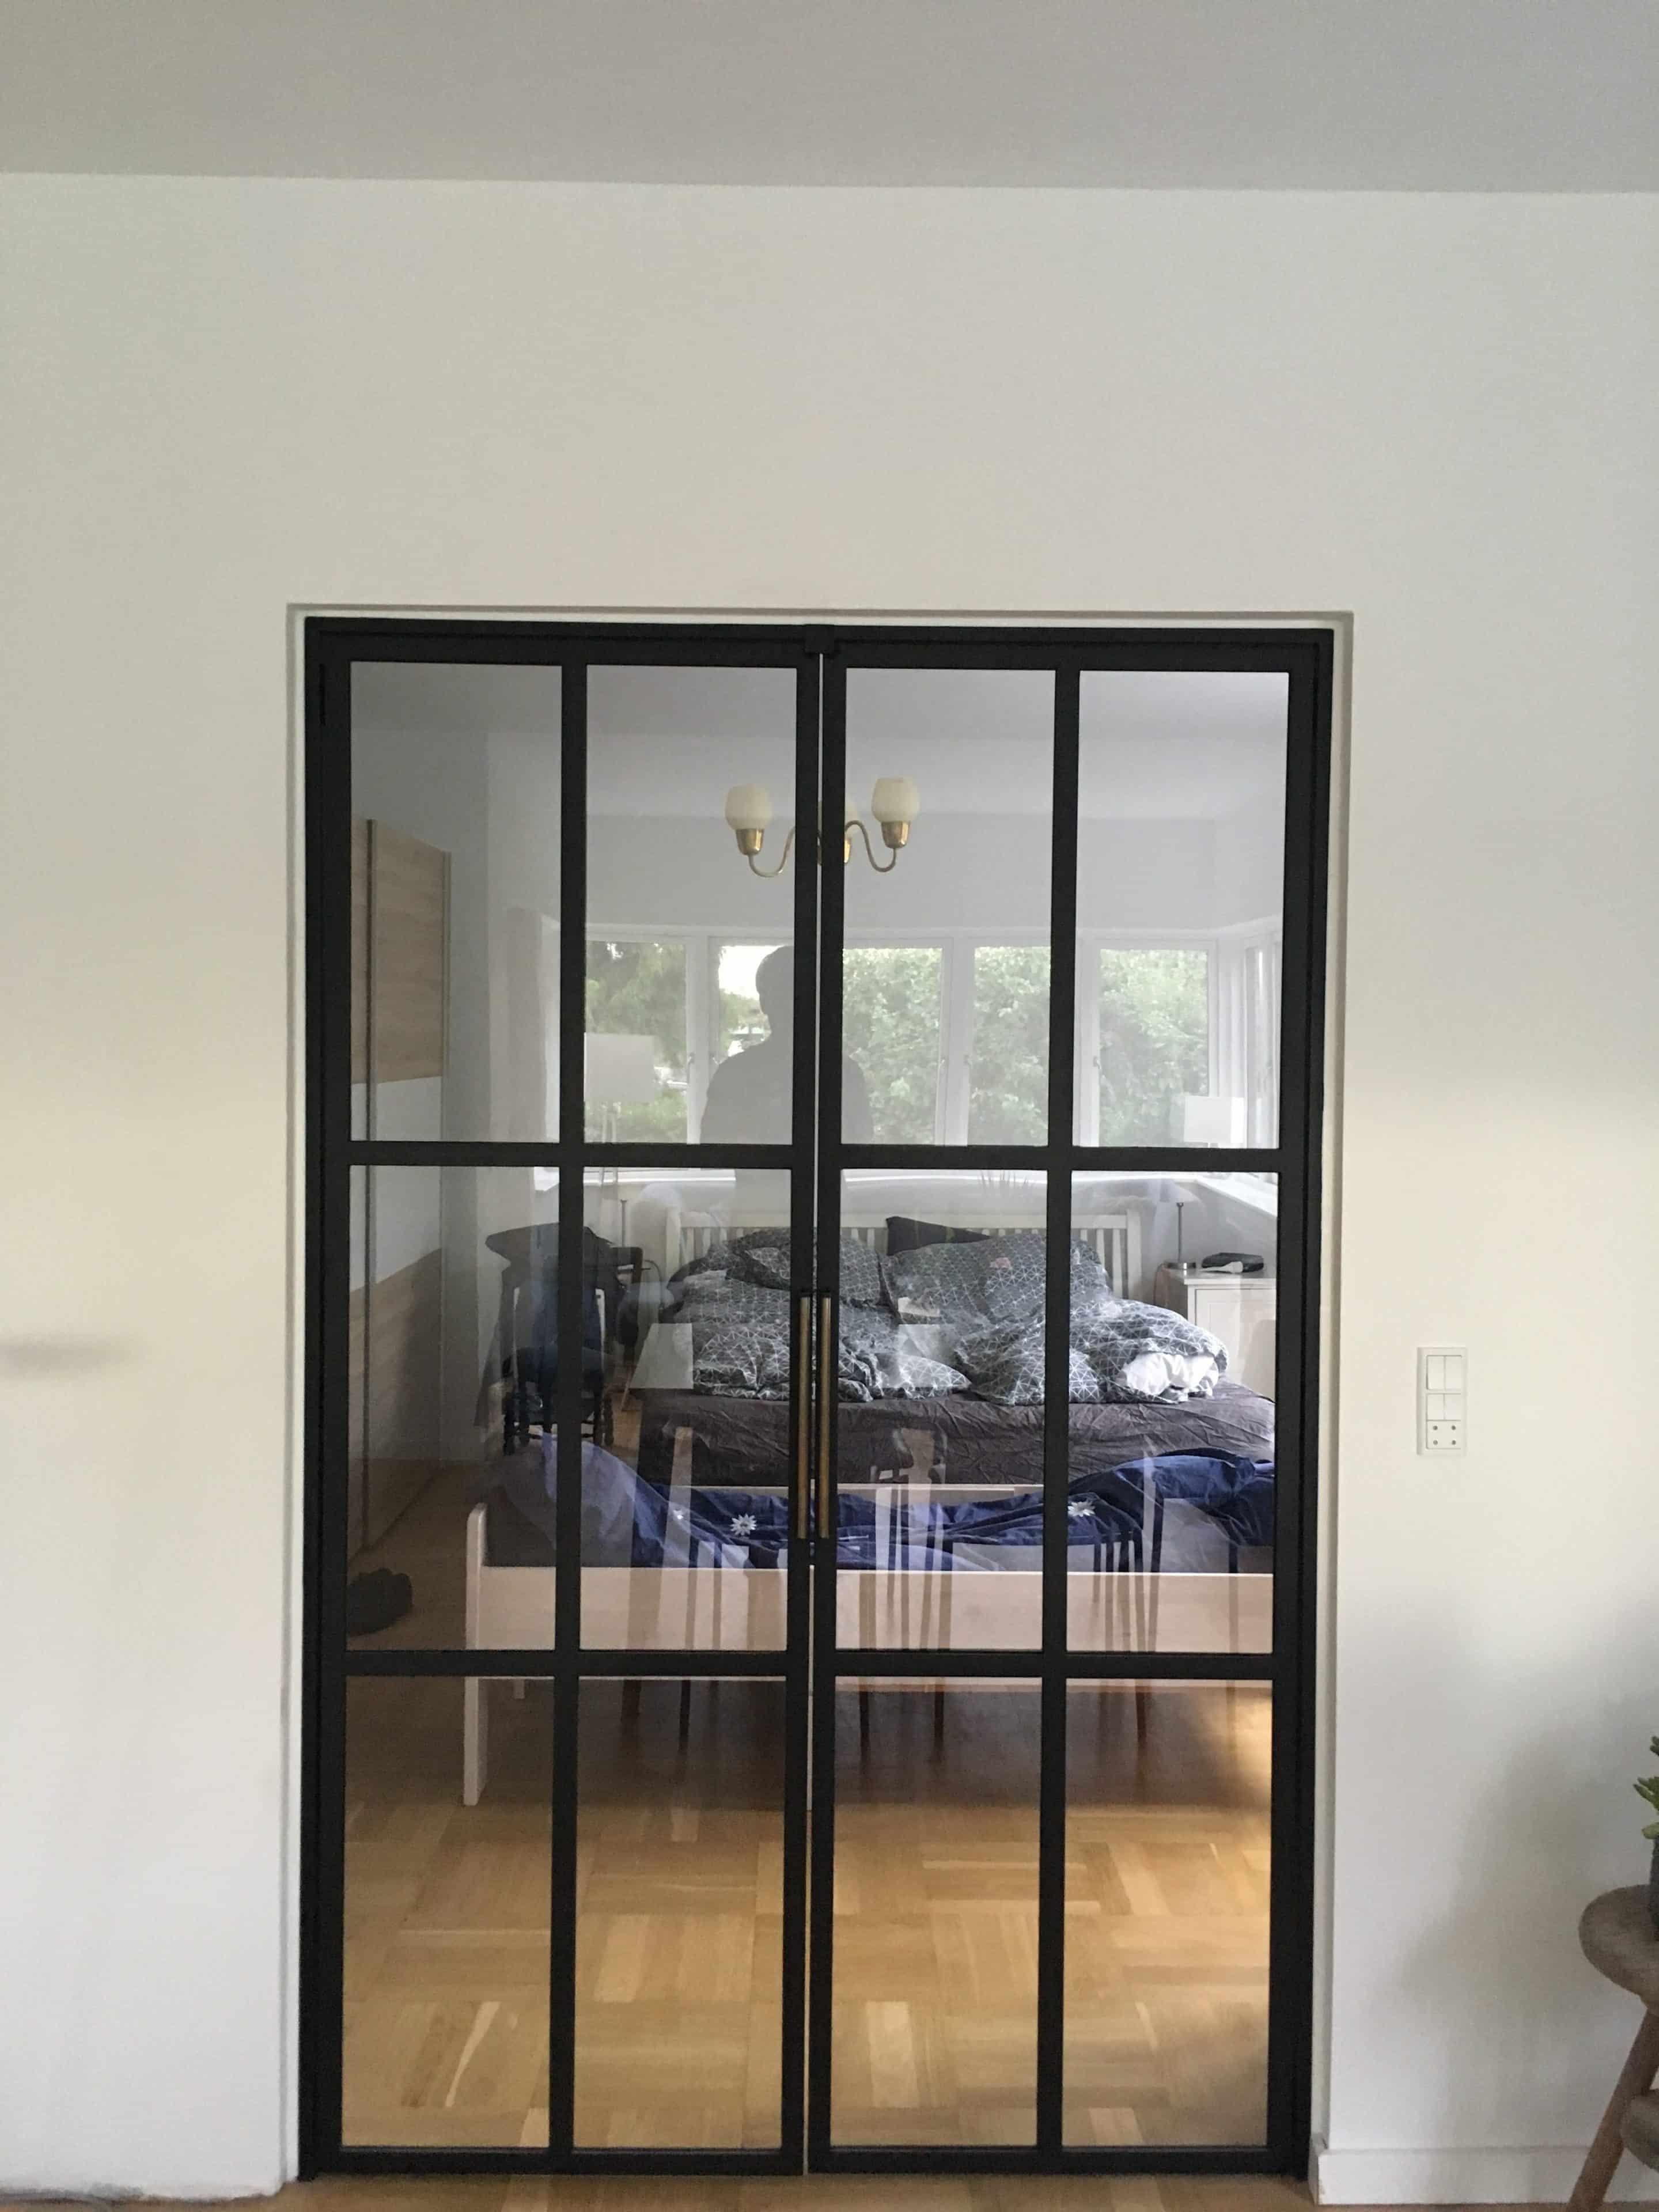 glasvæg stue-glasvæg soveværelse-glasvægge-new yorker væg